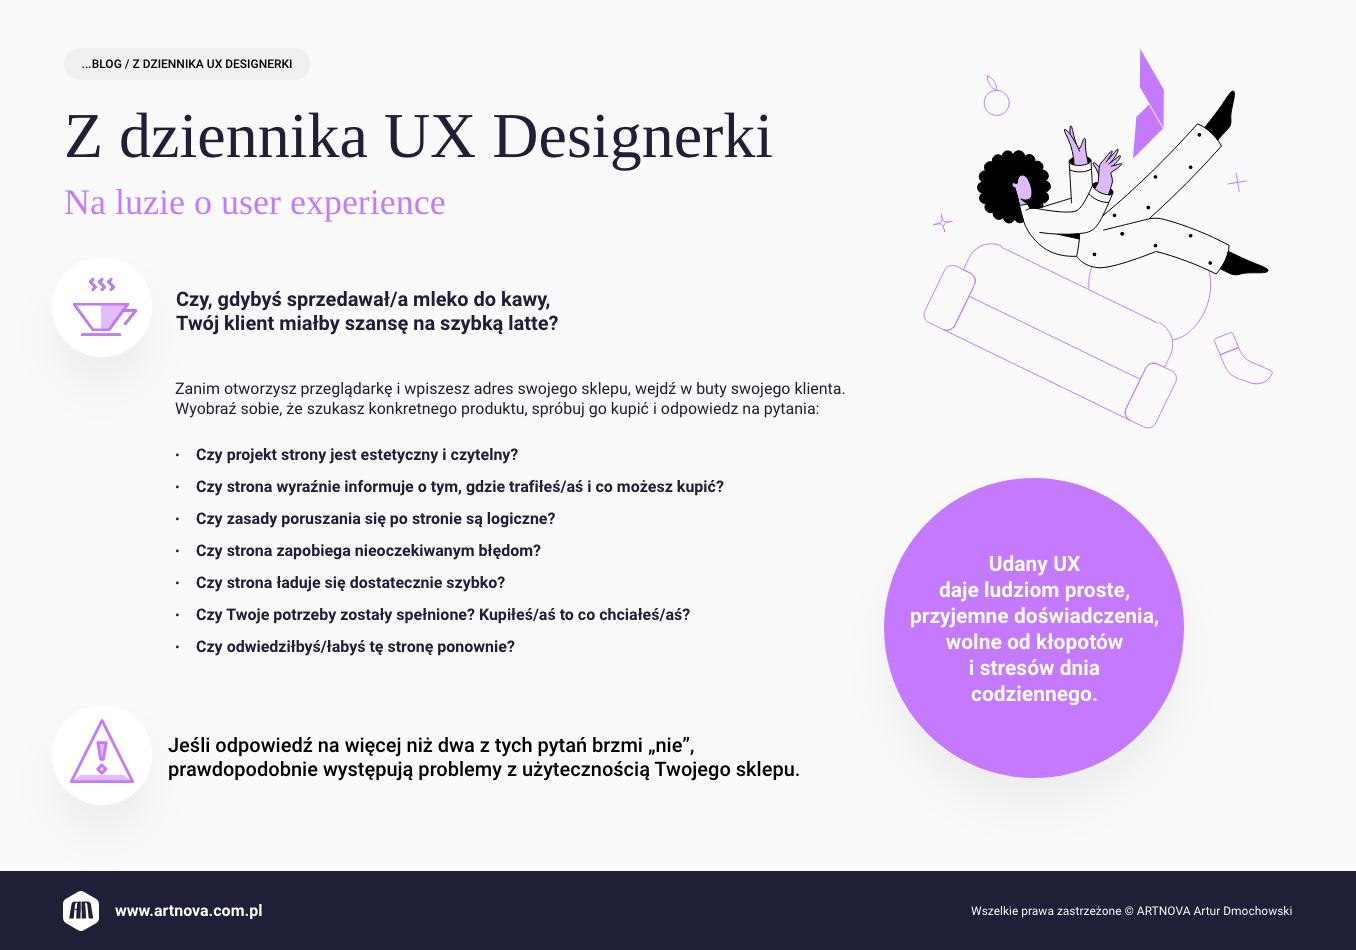 infografika: z dziennika UX designerki